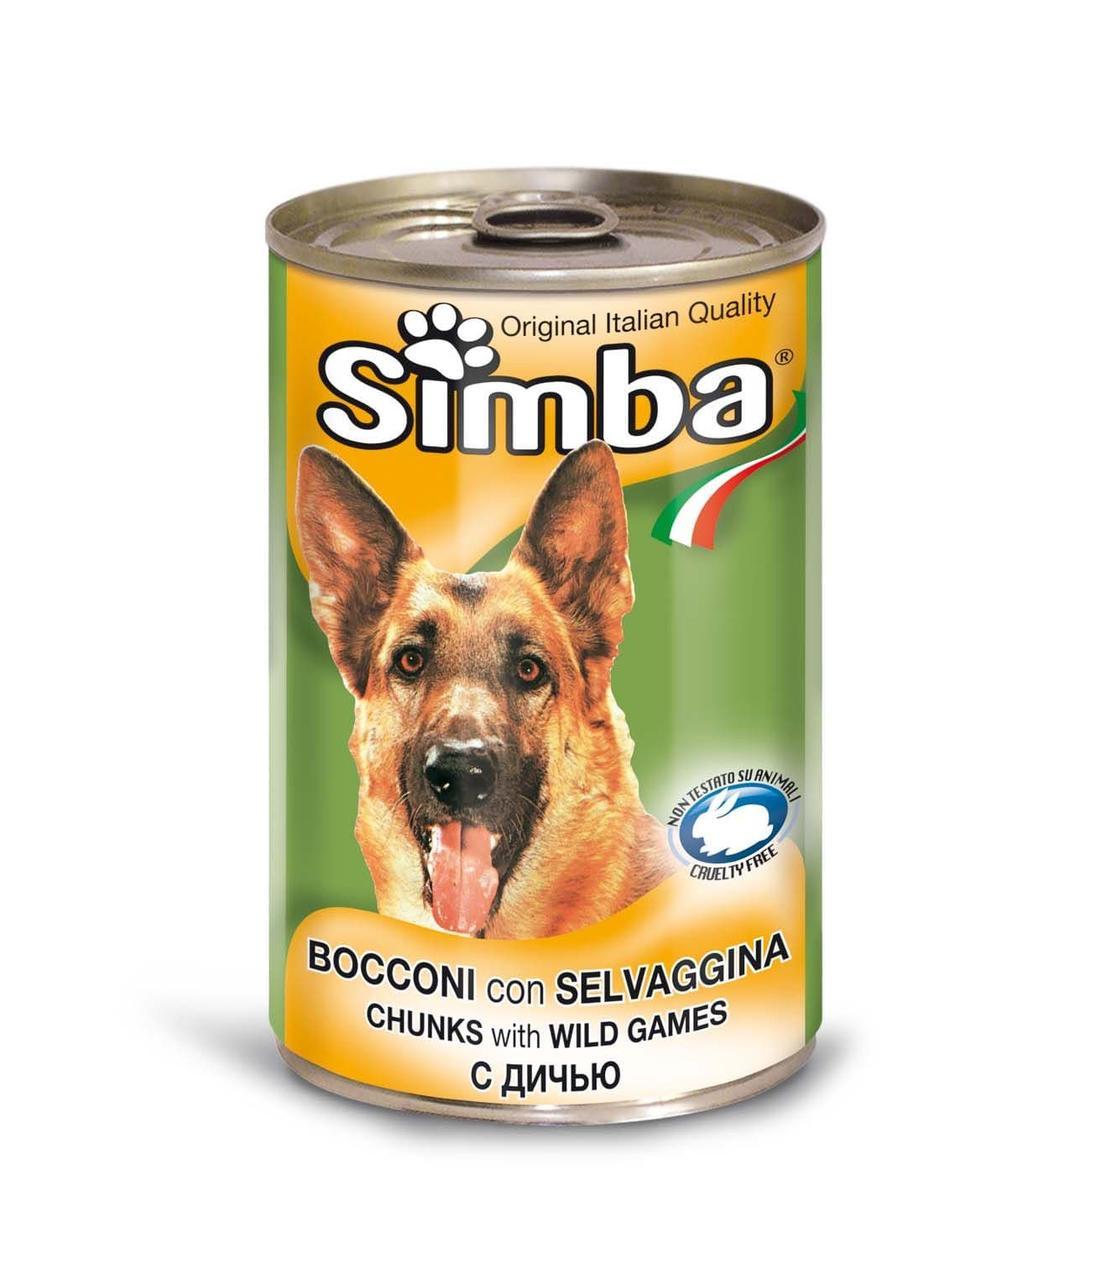 Корм Simba Wet Premium Quality Chunkies with Wild Games для собак (Дичь) - 1230 г